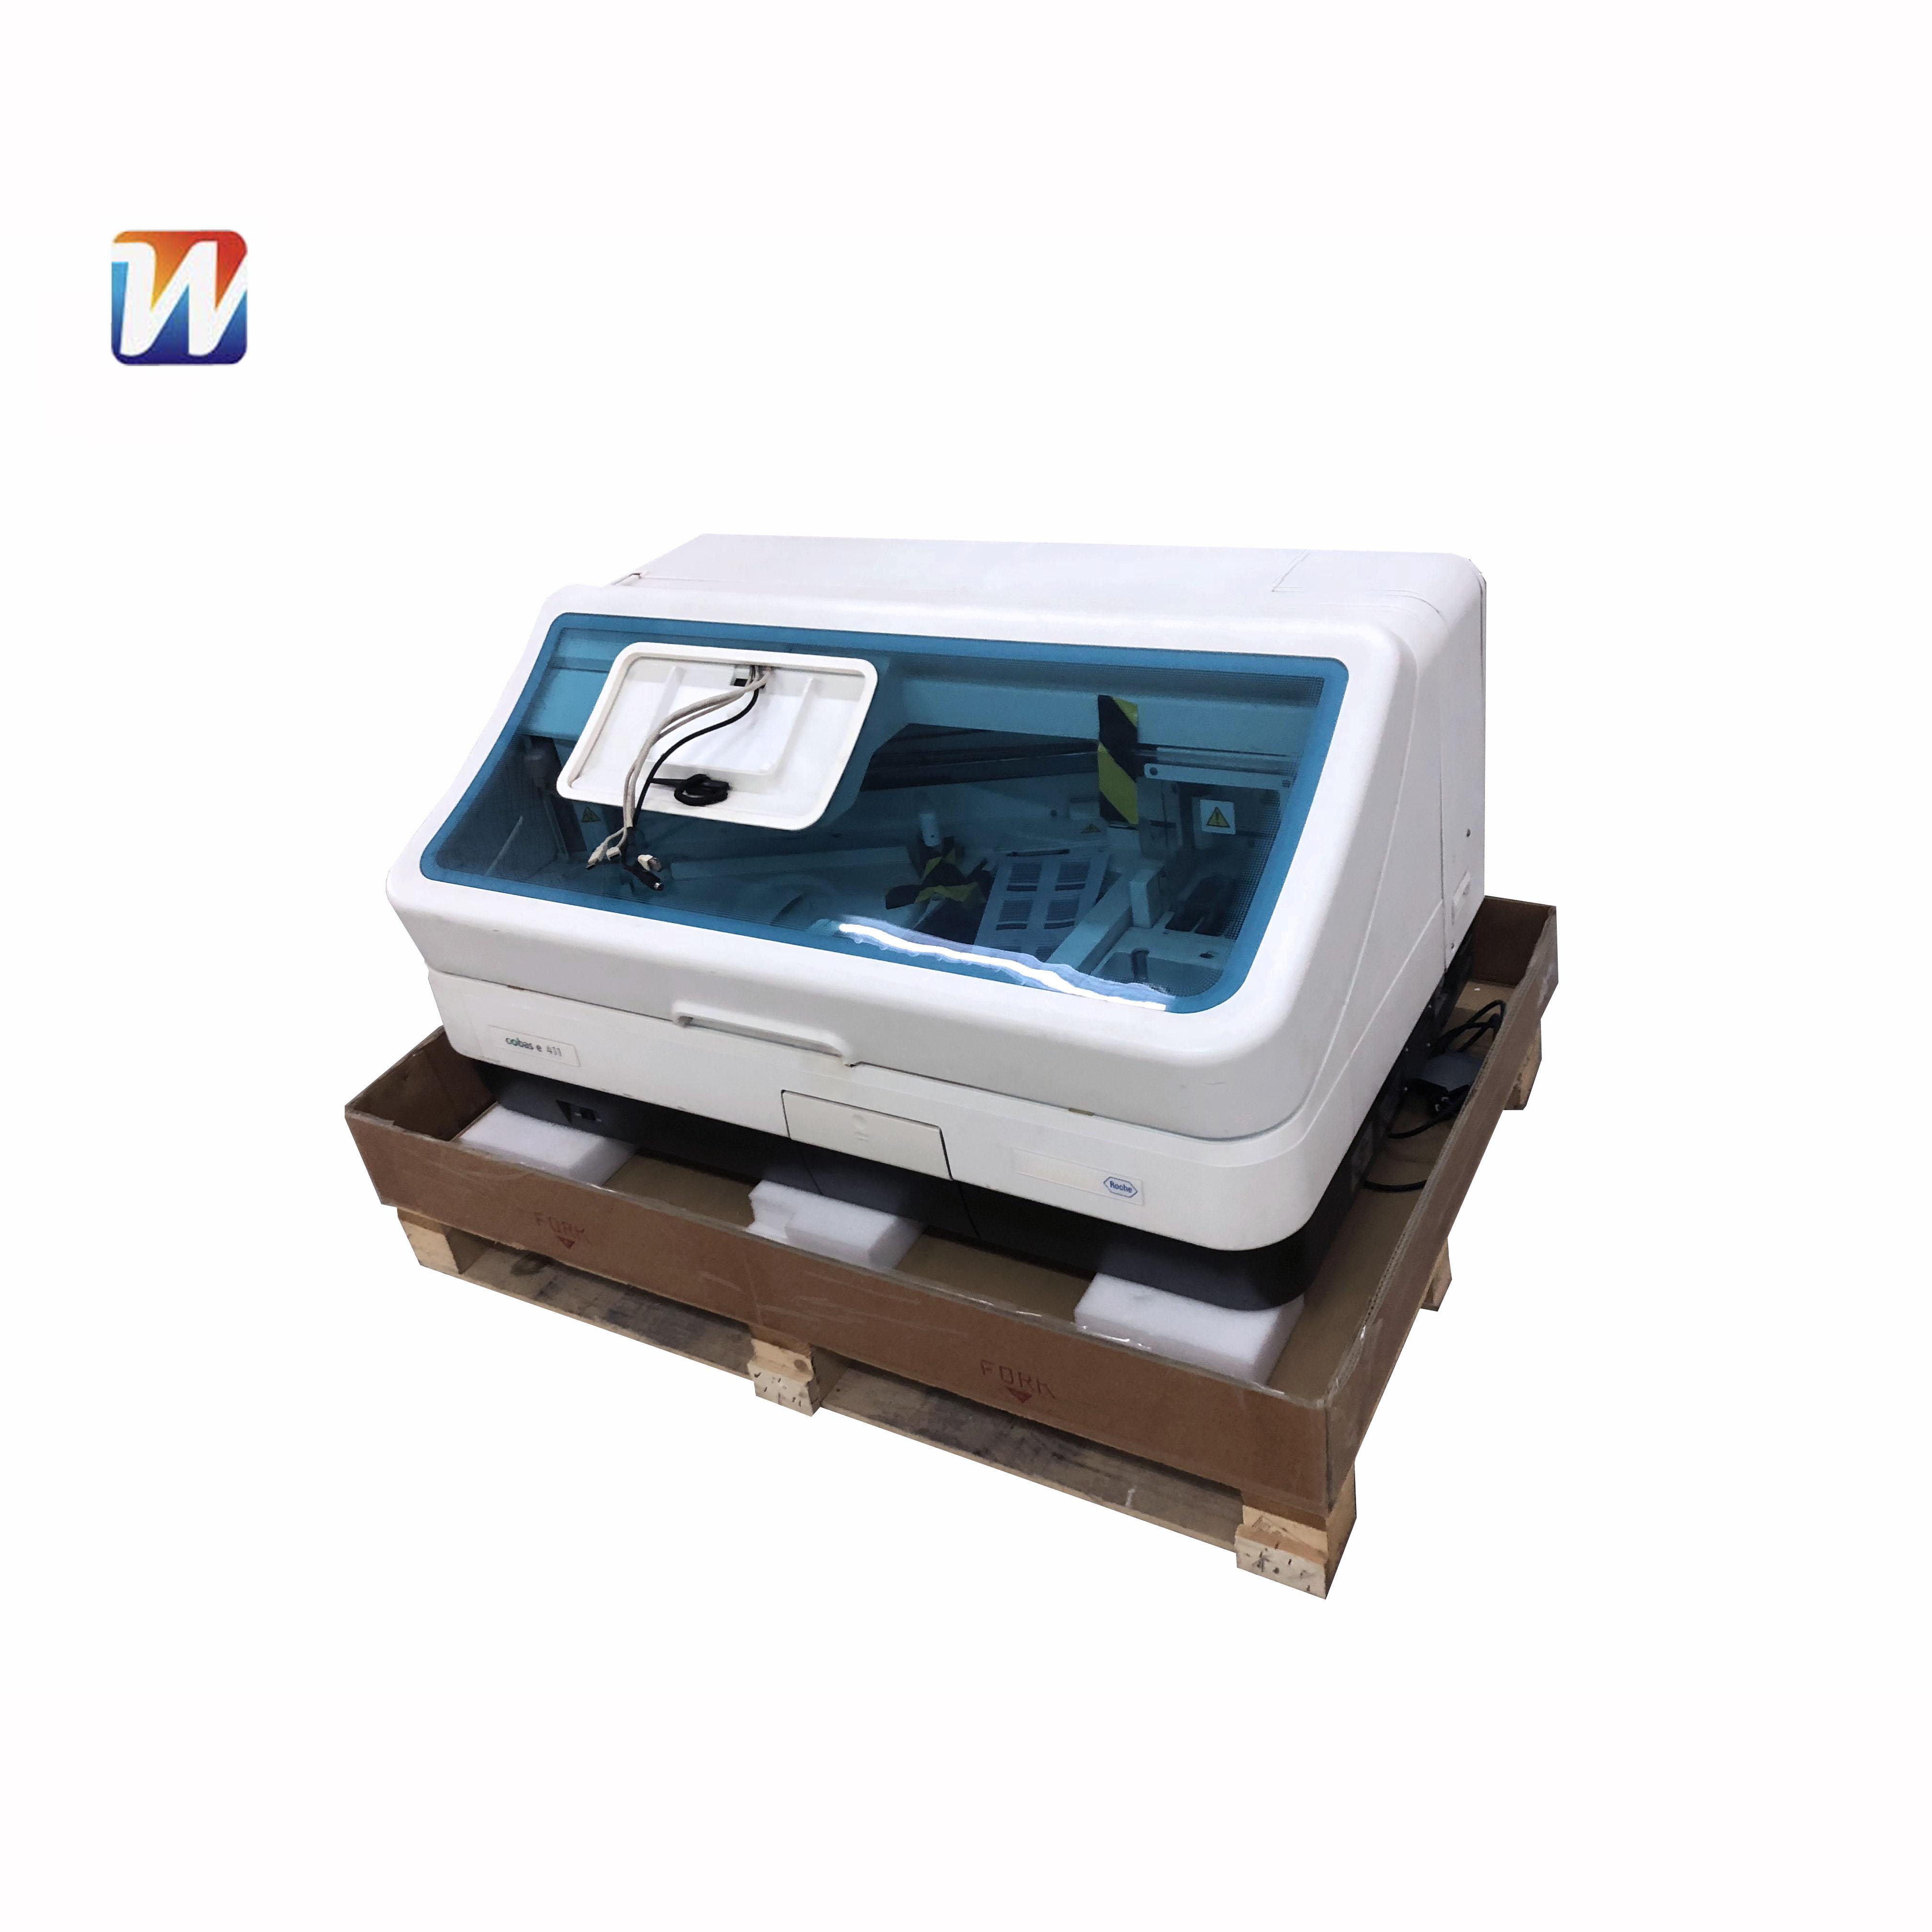 Nguồn nhà sản xuất Cobas E411 chất lượng cao và Cobas E411